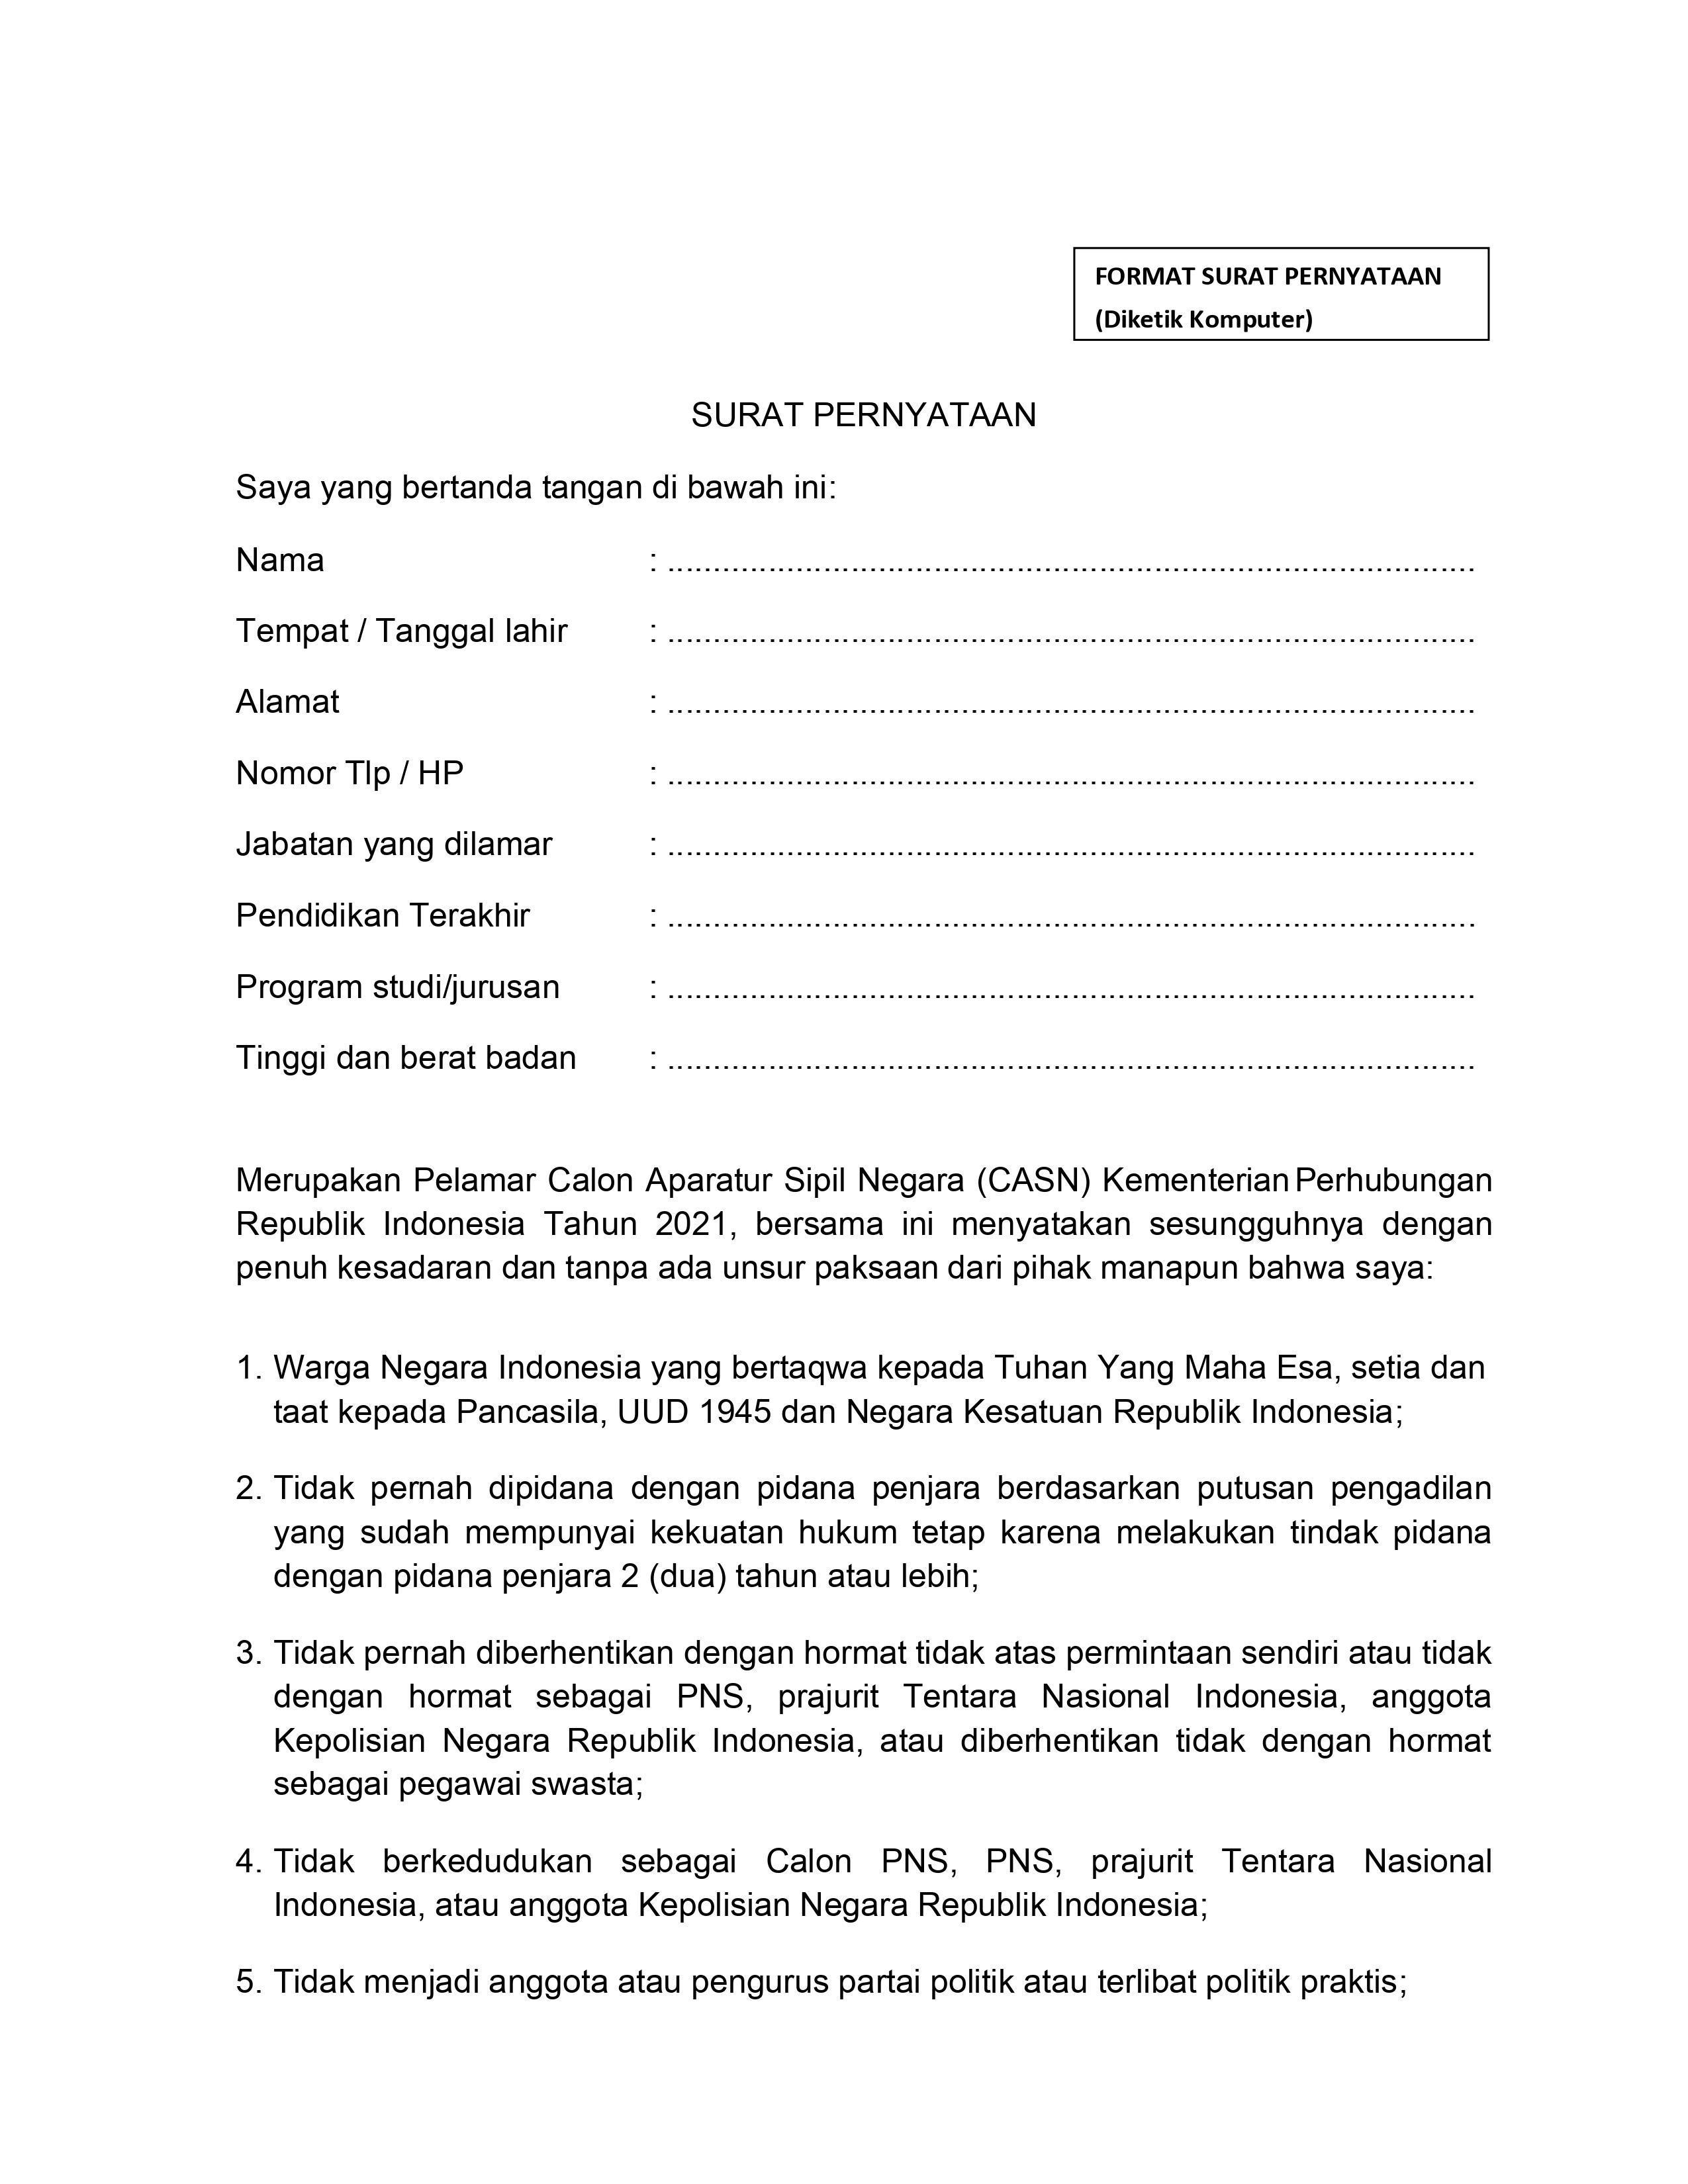 Contoh Surat Pernyataan CPNS Kemenhub halaman 1